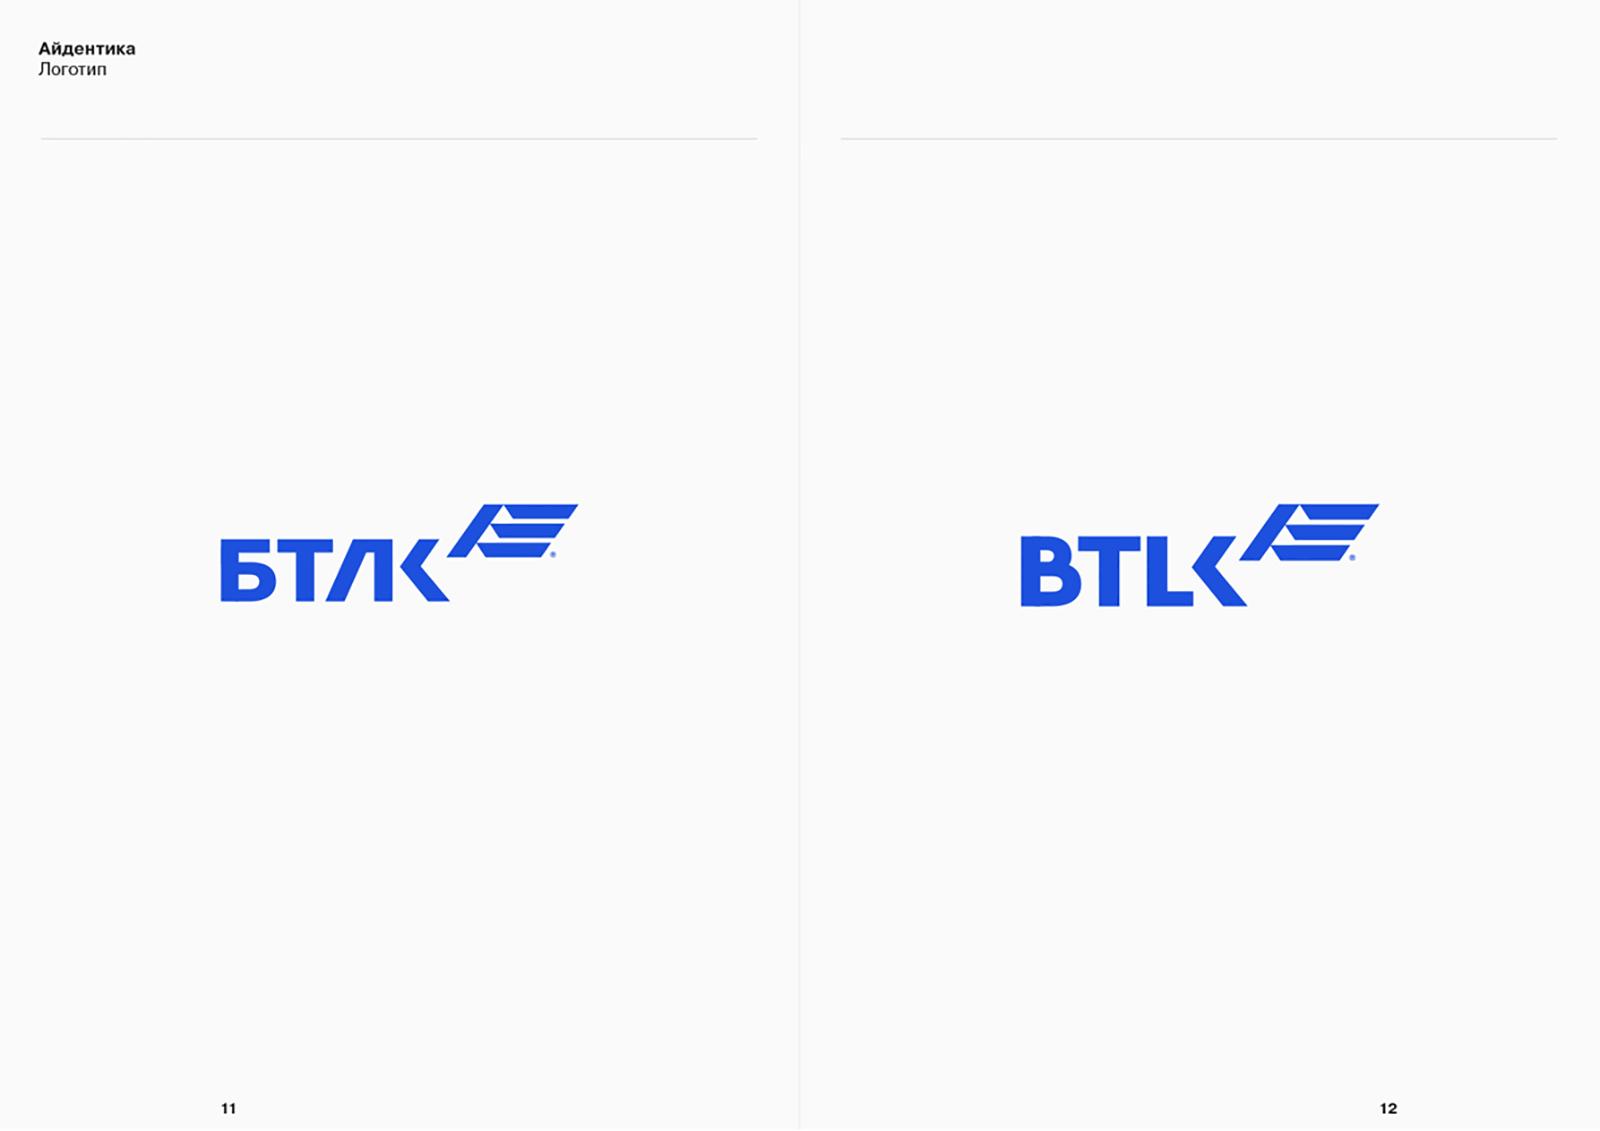 橙象精選:BTLC物流公司品牌形象設計欣賞6